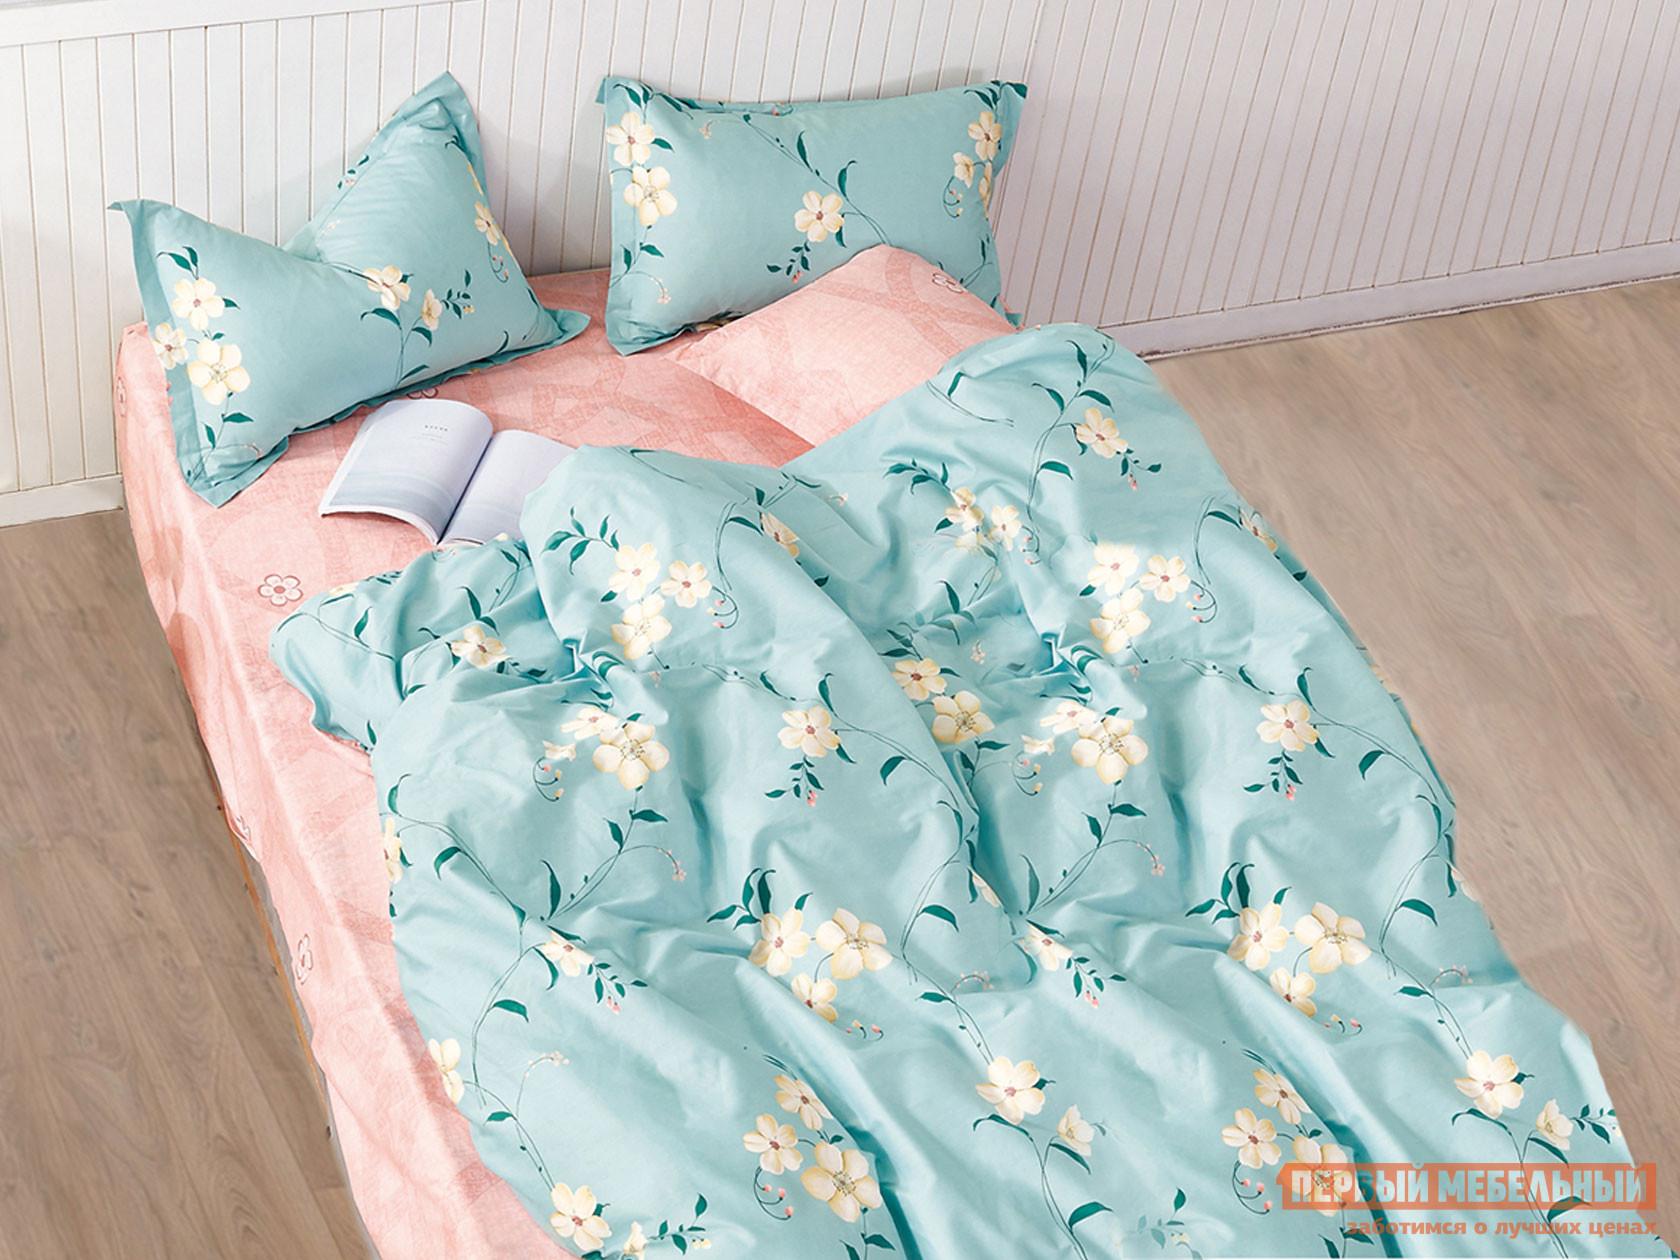 Комплект постельного белья КПБ Butterfly Сатин 110 110, сатин, Полутороспальный фото